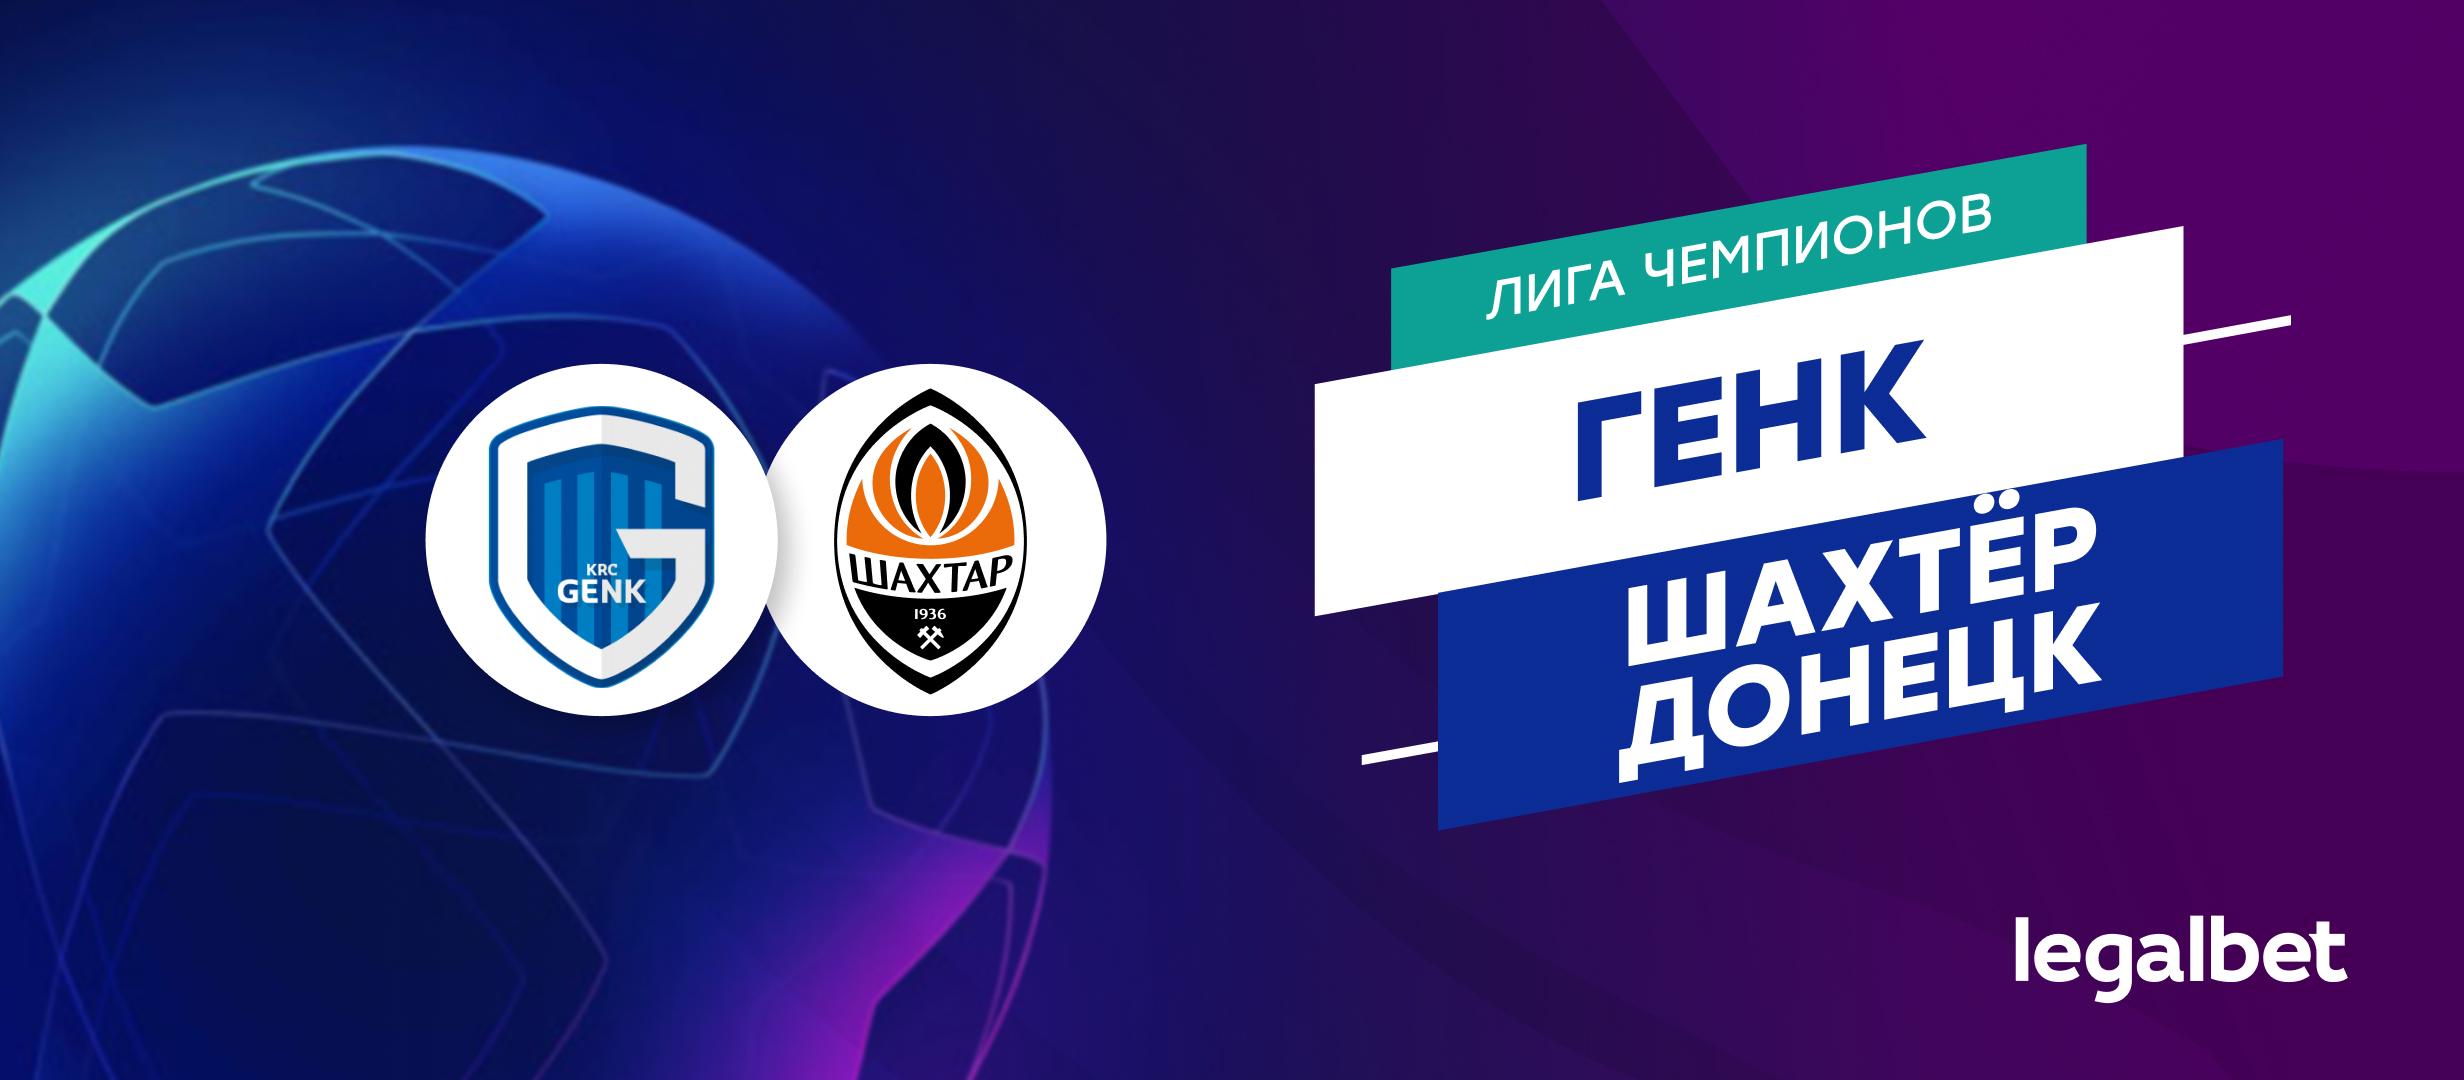 «Генк» — «Шахтёр» Донецк: ставки и коэффициенты на матч